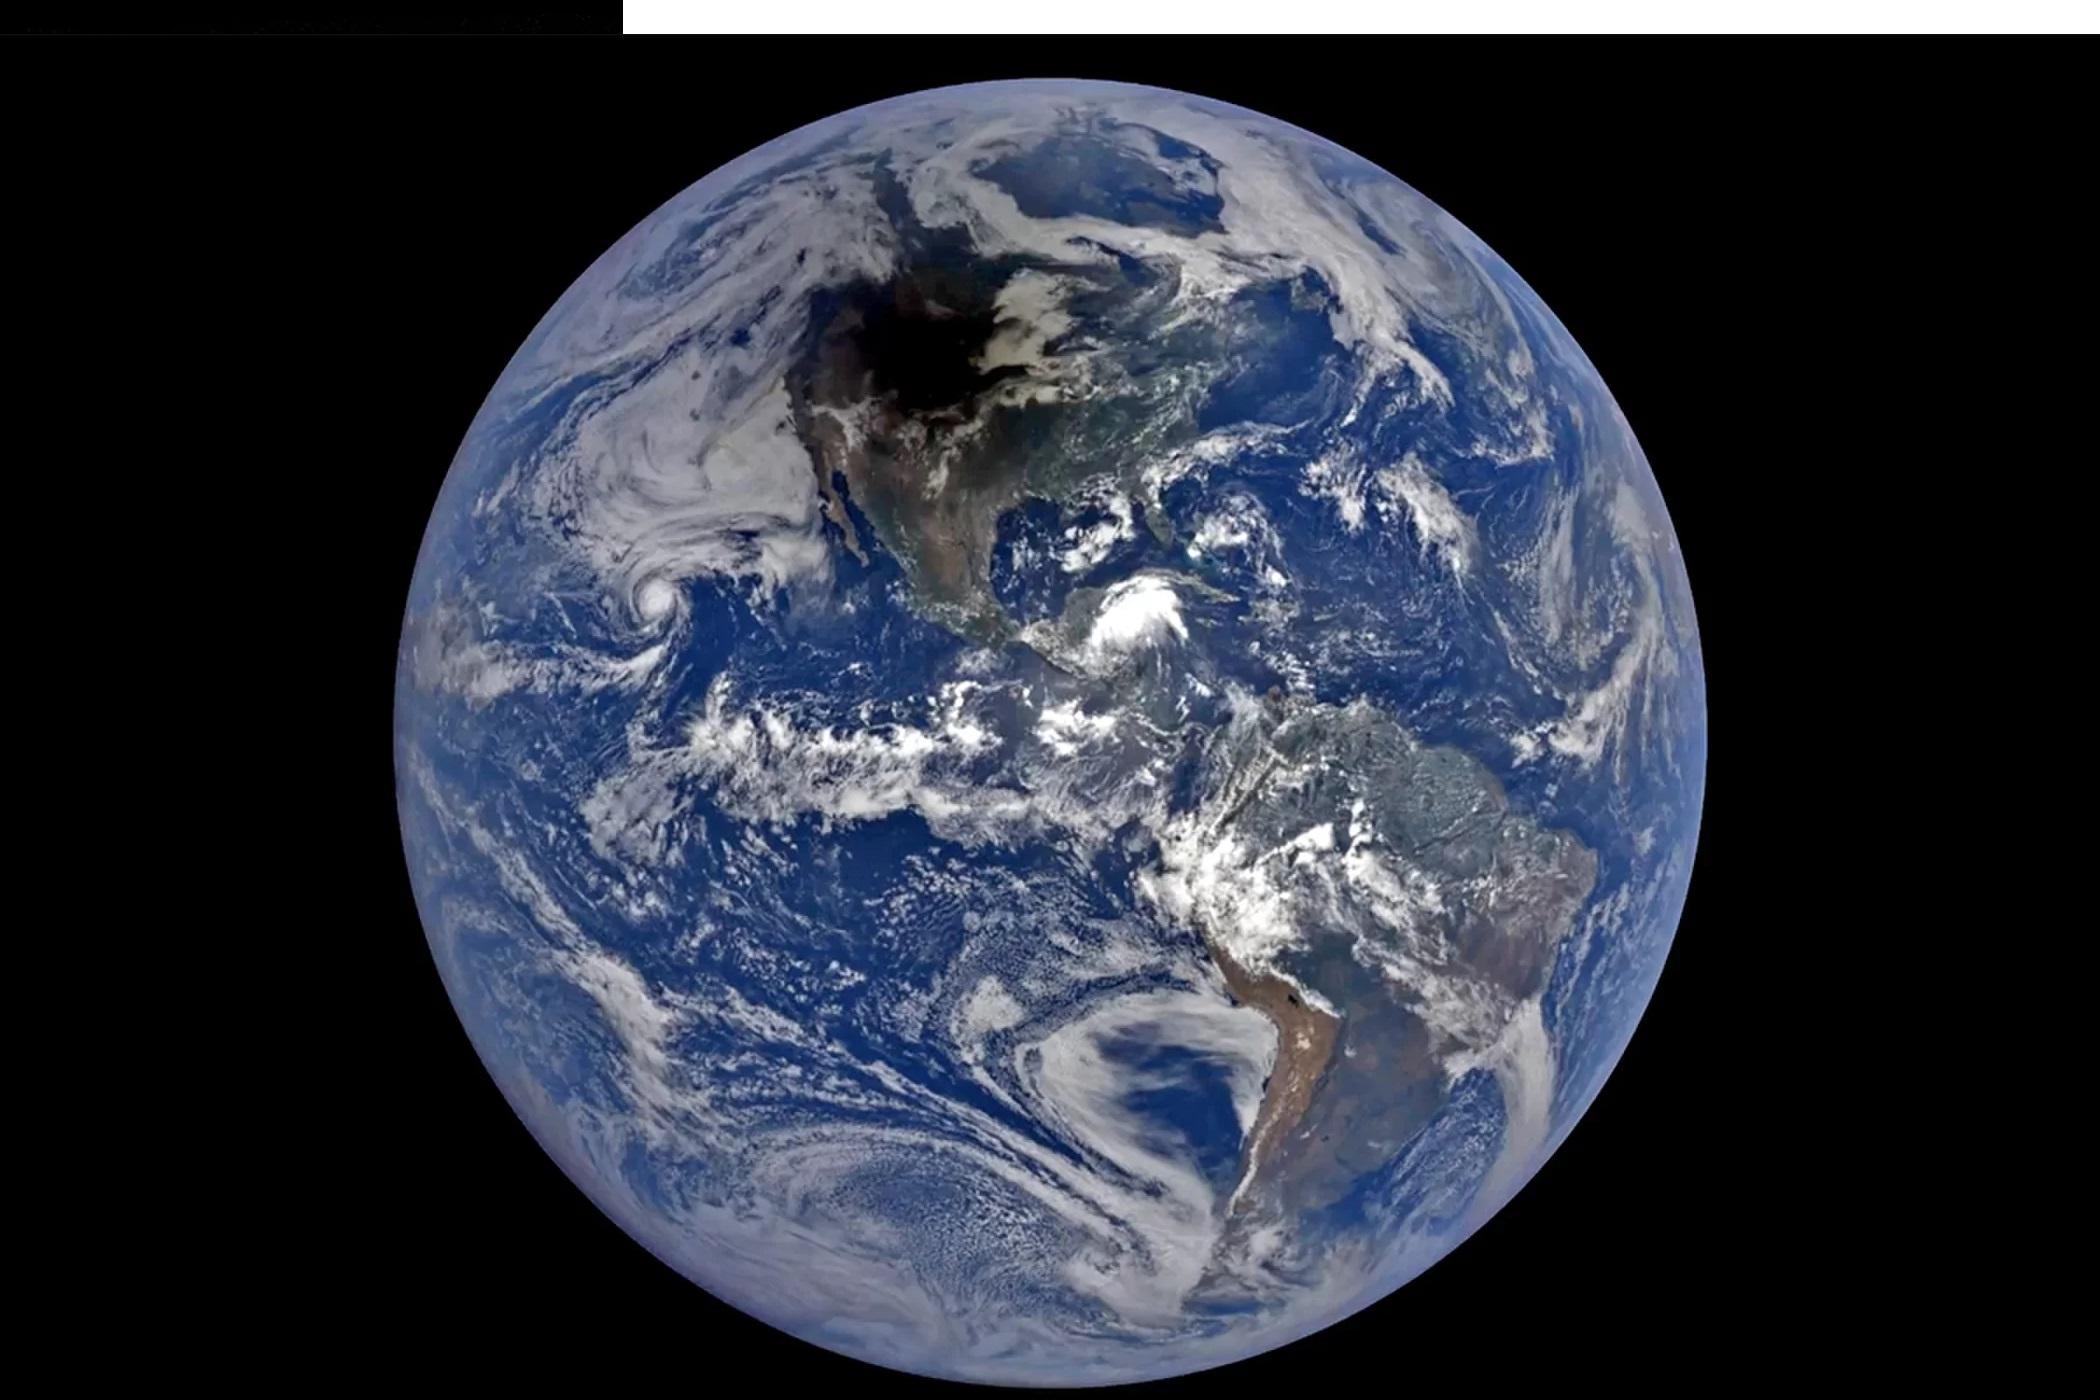 Daleko wkosmosie, należąca doNASA Earth Polychromatic Imaging Camera wysłała 12 EPICkich zdjęć cienia Księżyca sunącego poobszarze Ameryki Północnej wnaturalnych barwach.